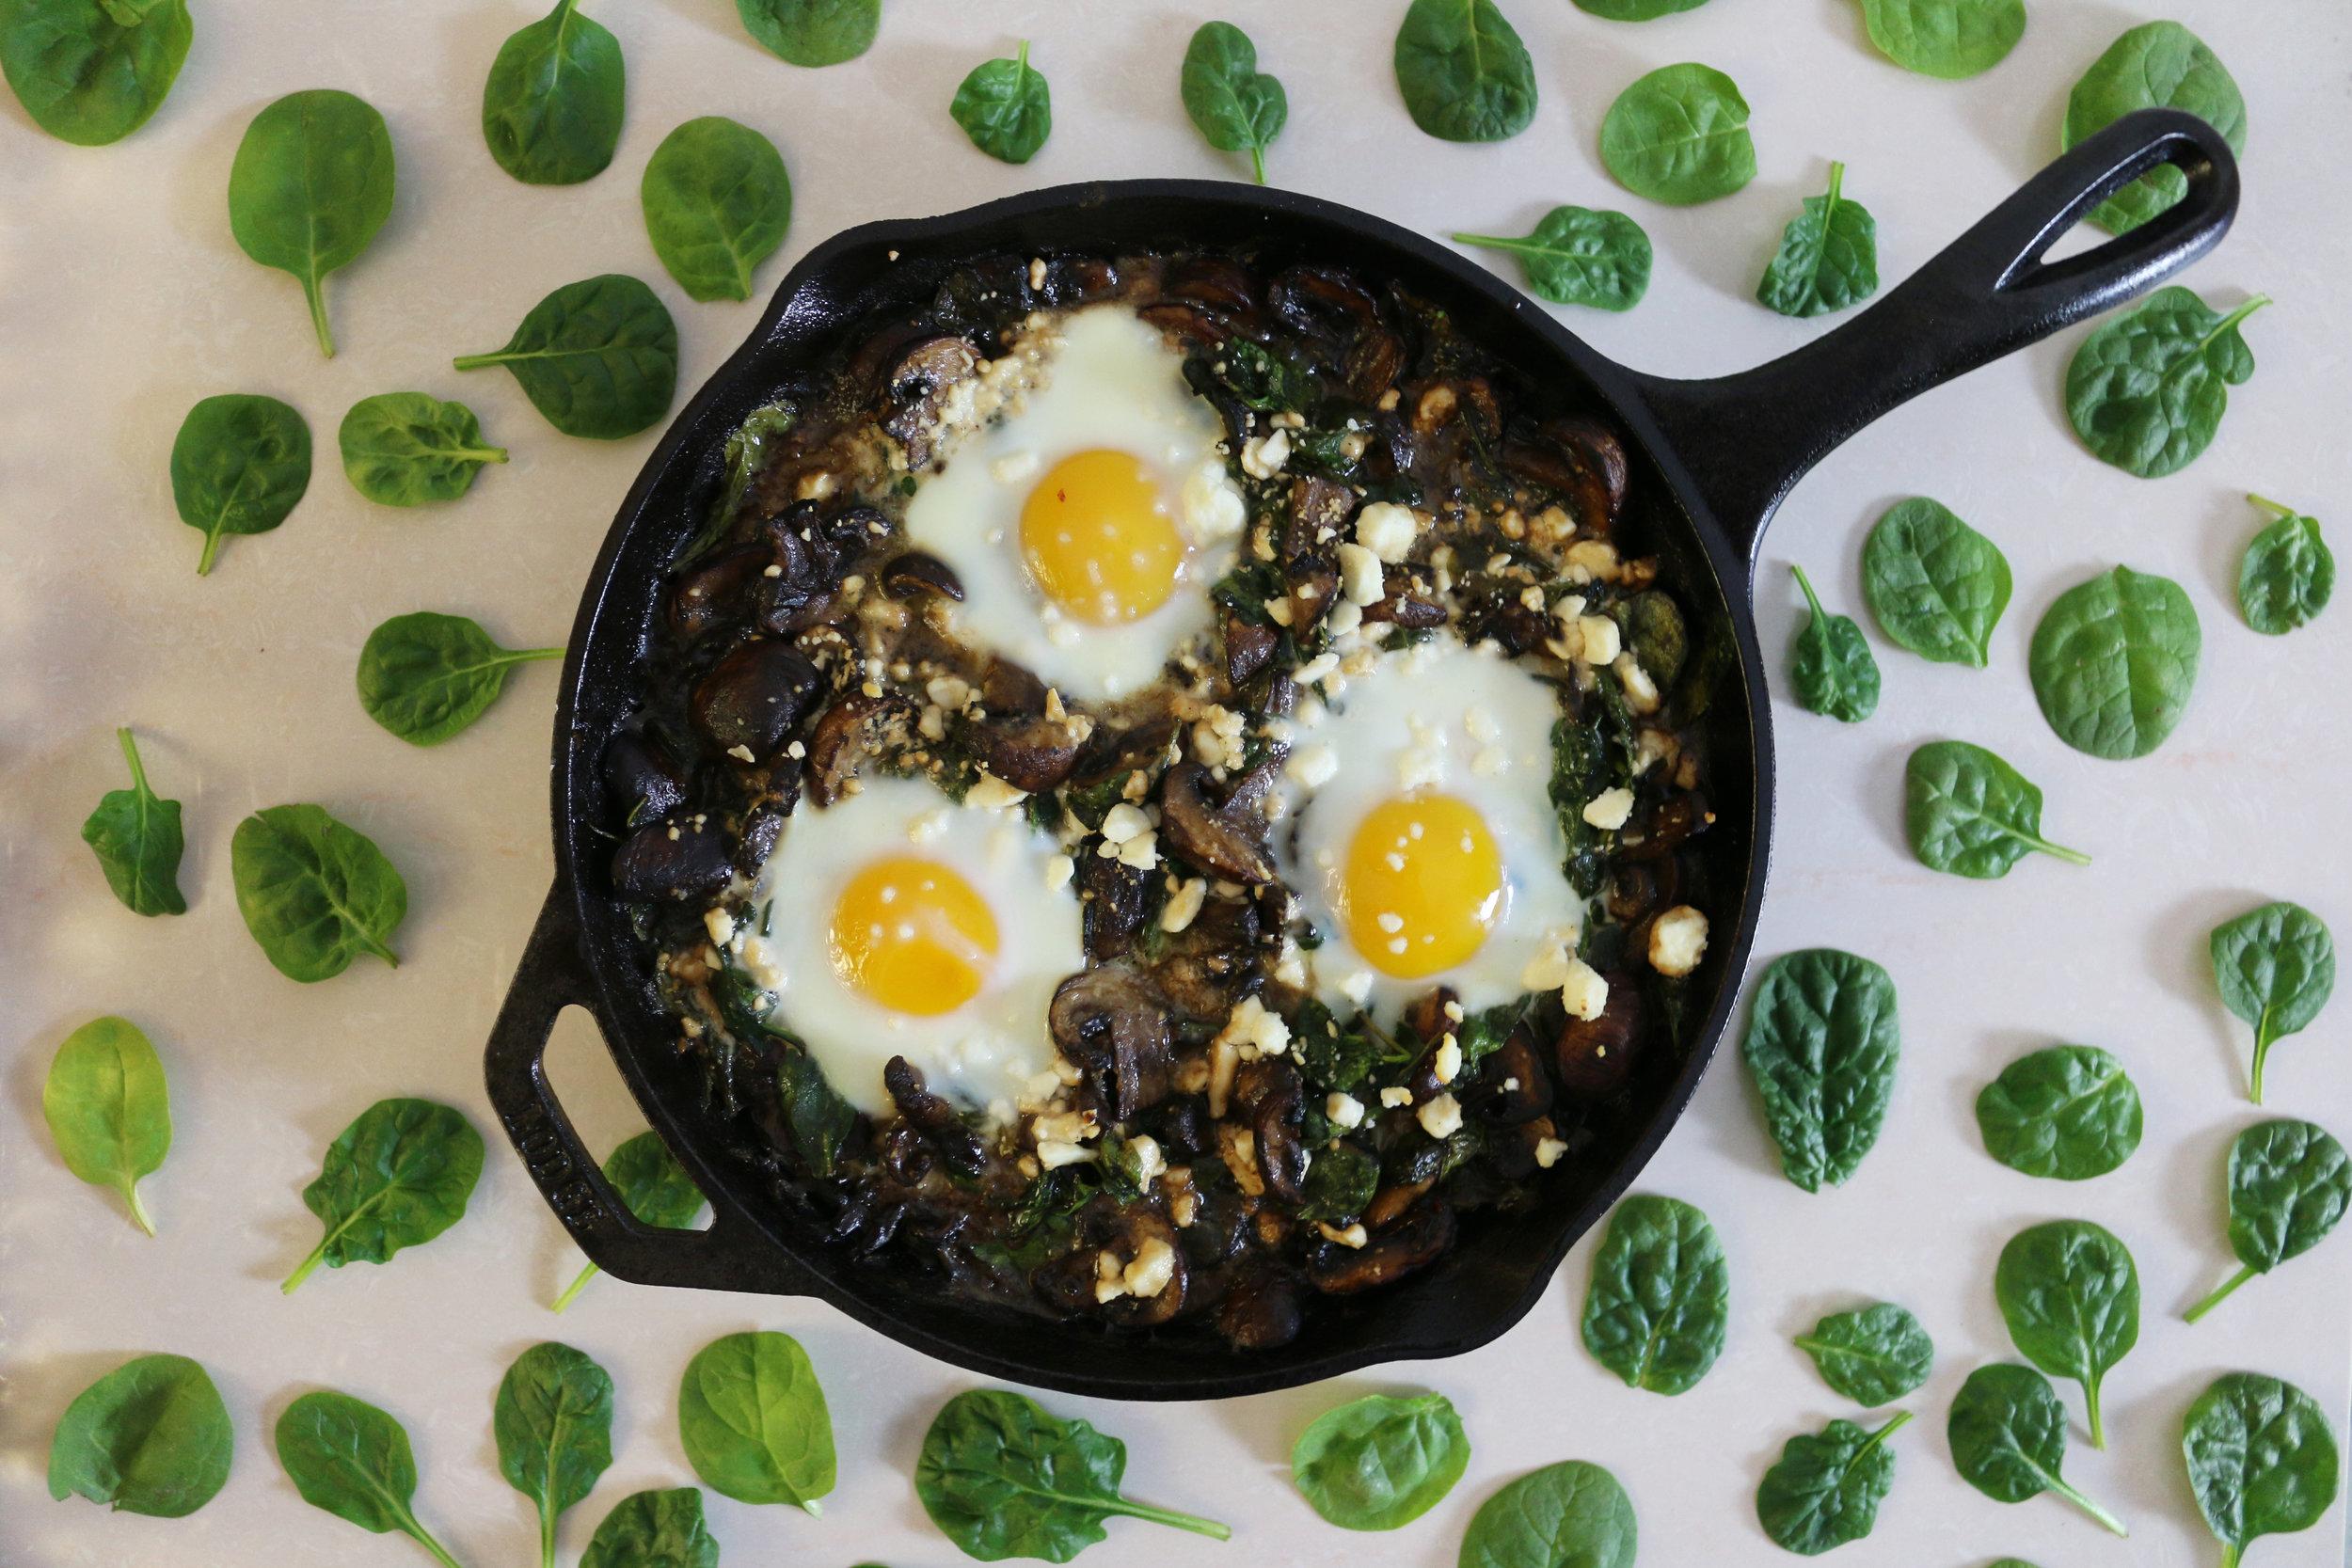 Spinach-mushroom-egg-bake-culinarywitch